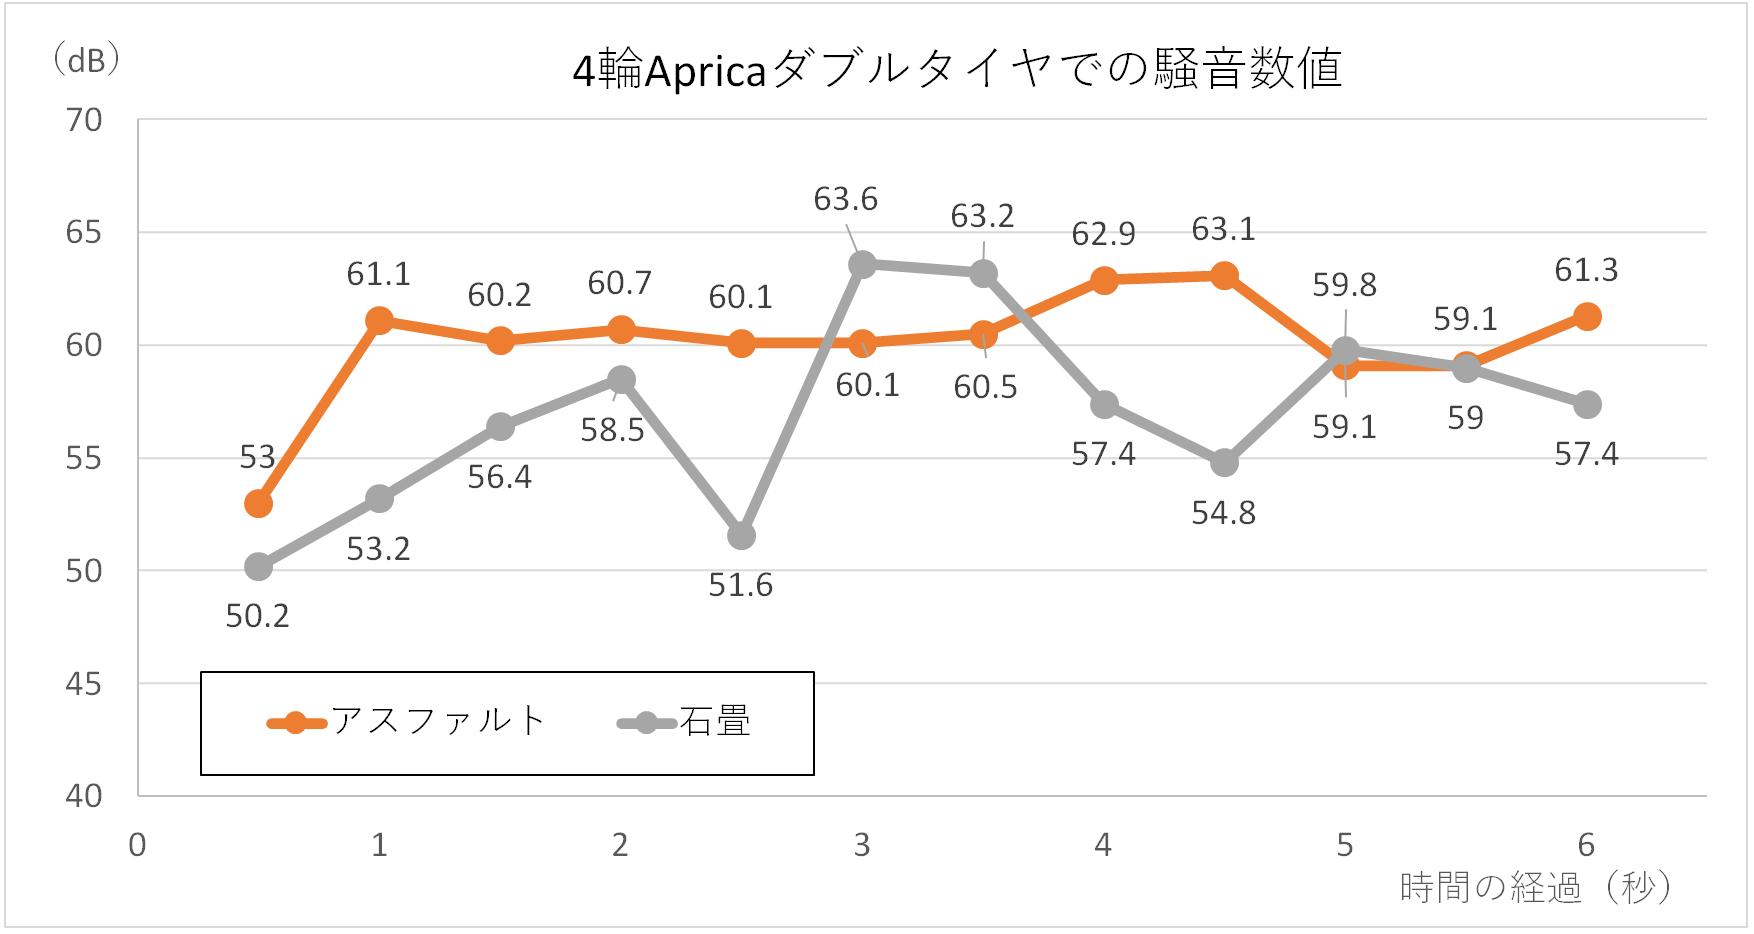 4輪ダブルタイヤのアップリカで、アスファルトを走行した時の音の大きさを測定した結果。